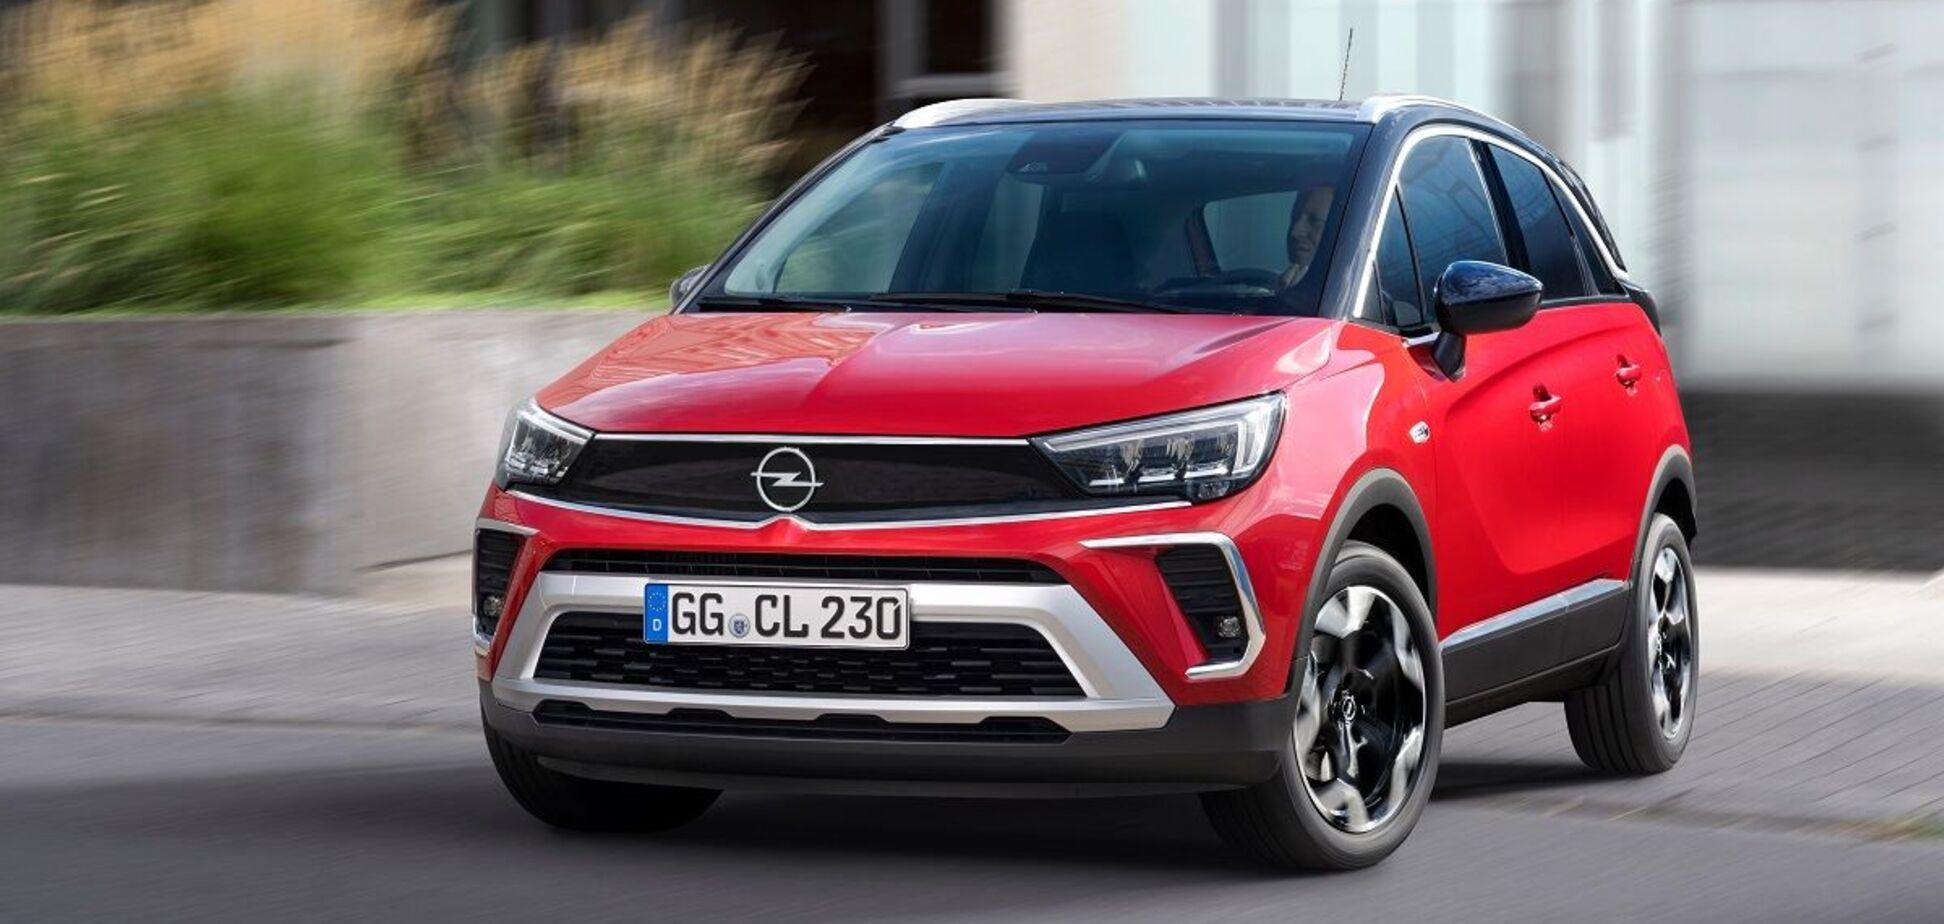 Новий кросовер Opel Crossland прибув в Україну